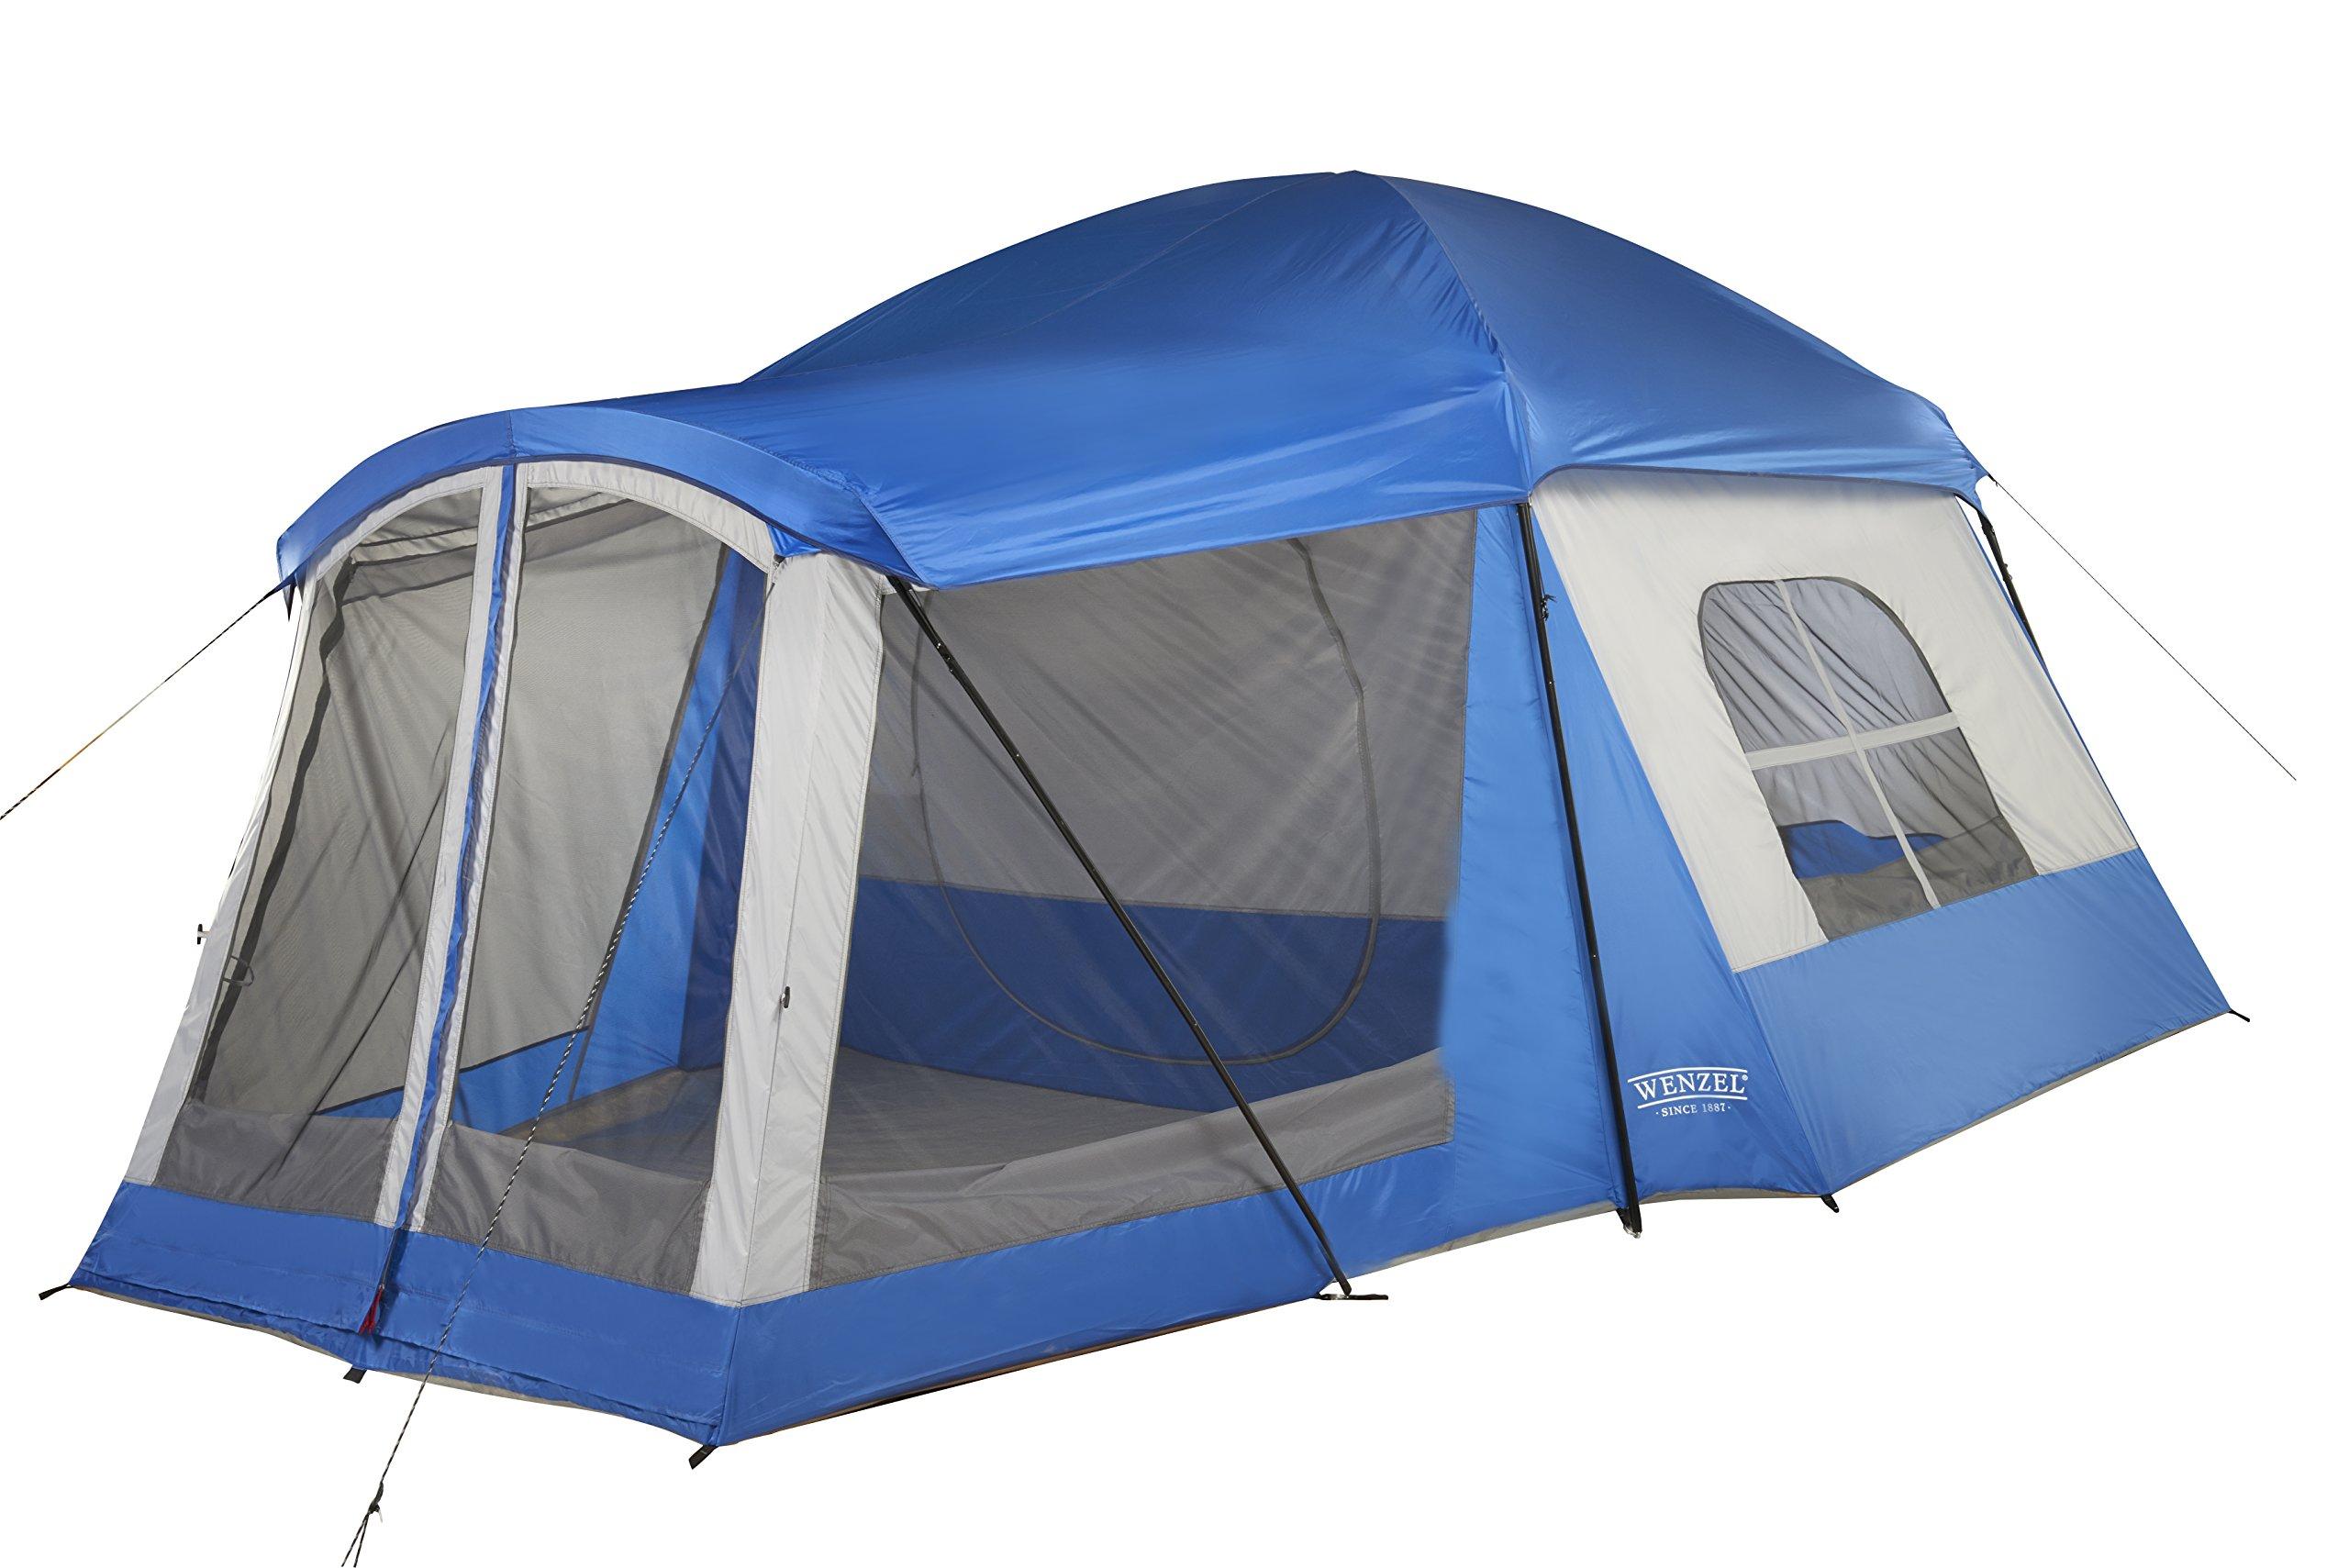 Wenzel 8 Person Klondike Tent, Blue by Wenzel